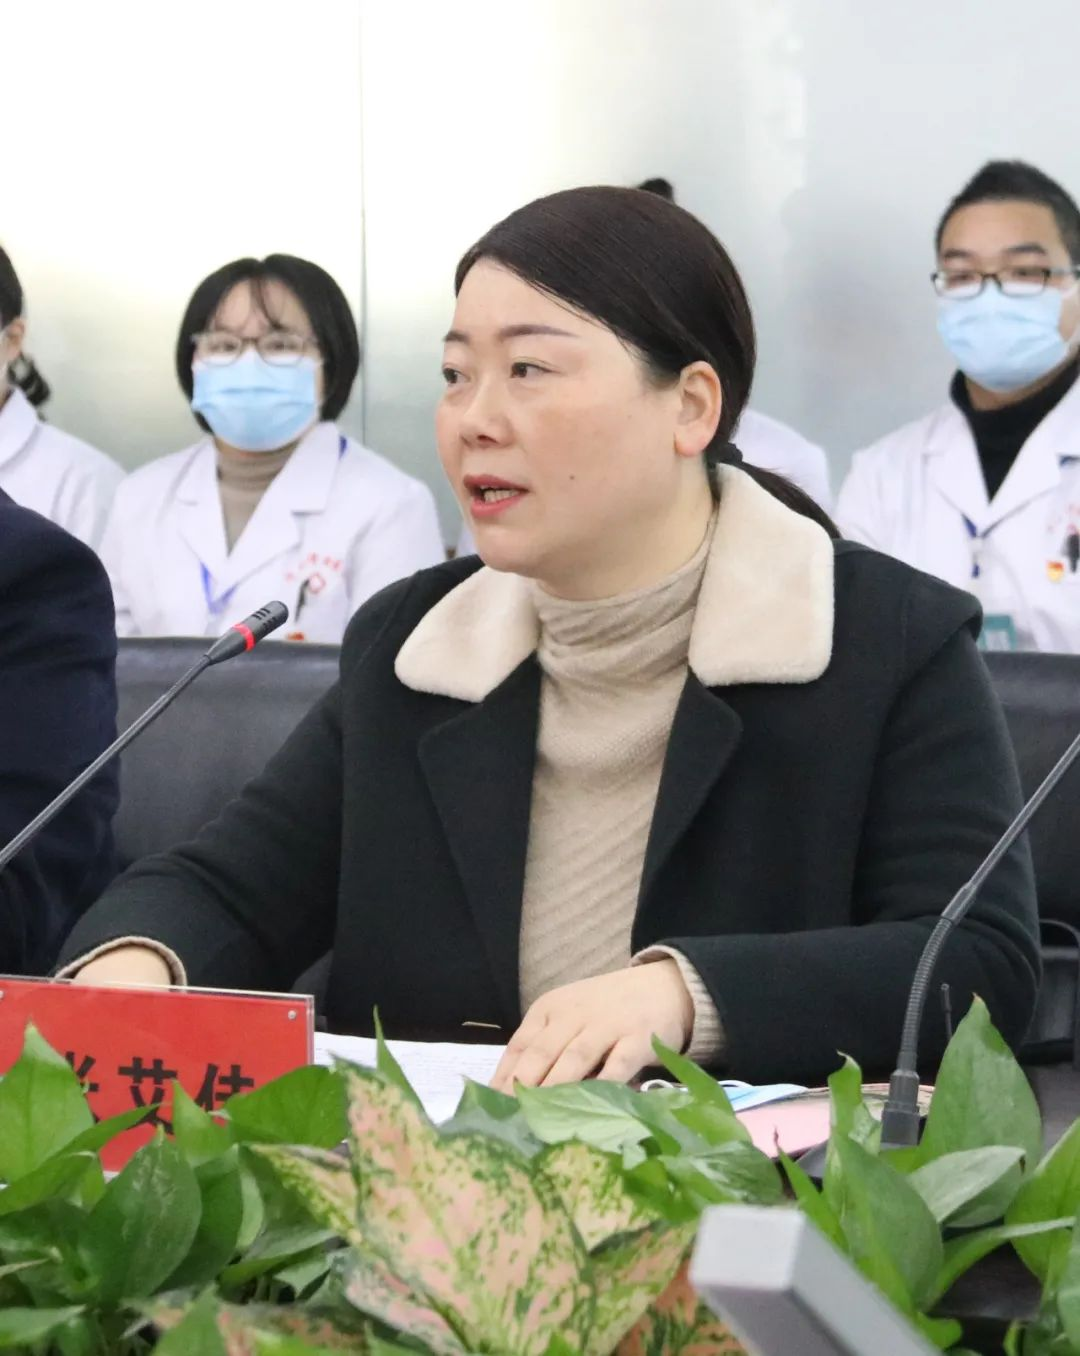 河南信合医院顺利完成「二级甲等」综合医院创建初评工作